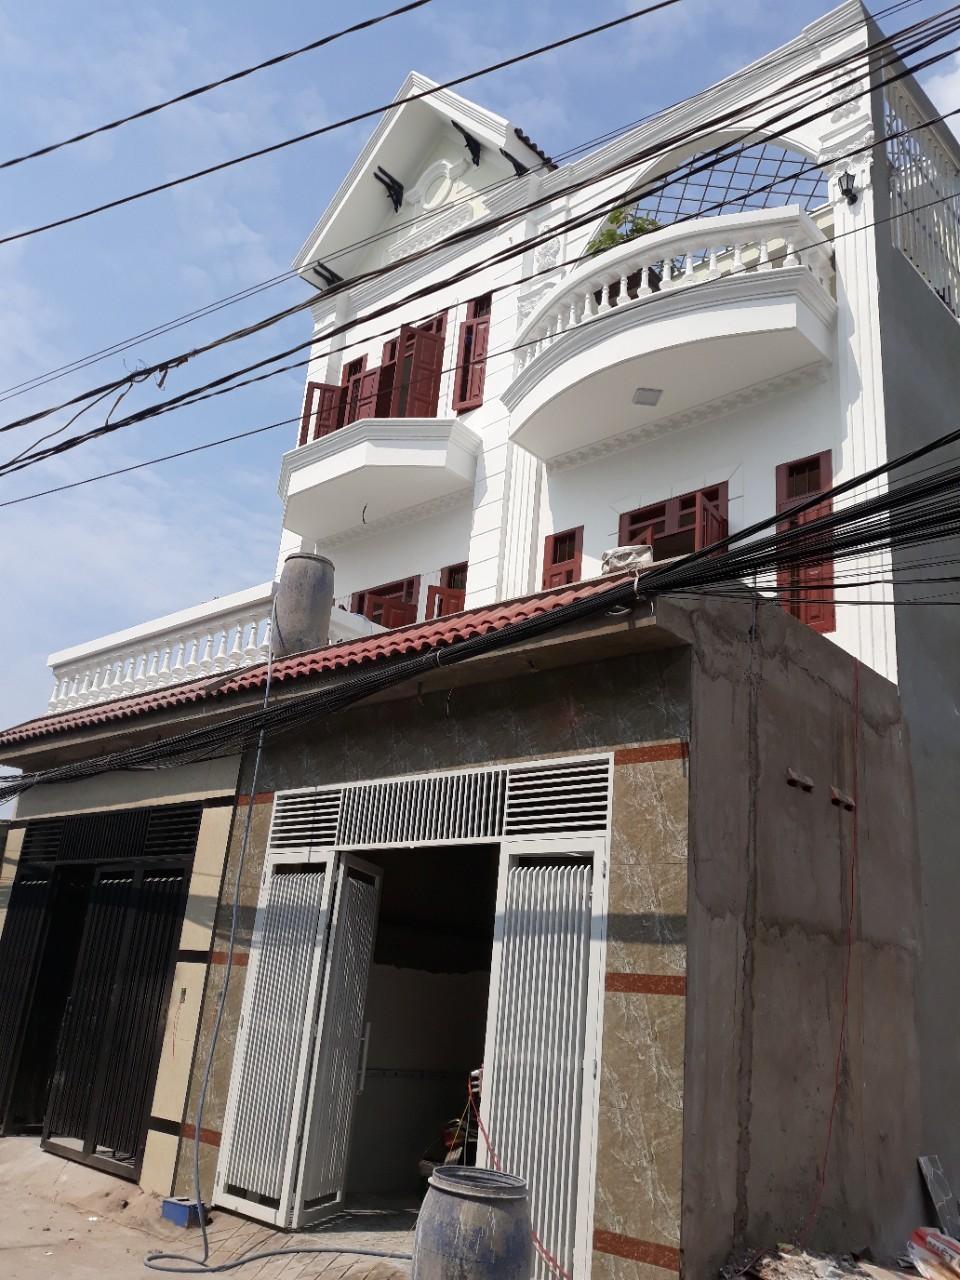 Bán nhà 2 lầu 1 trệt, giá rẻ, Đường Bình Thung, Phường Bình An, Dĩ An, Bình Dương